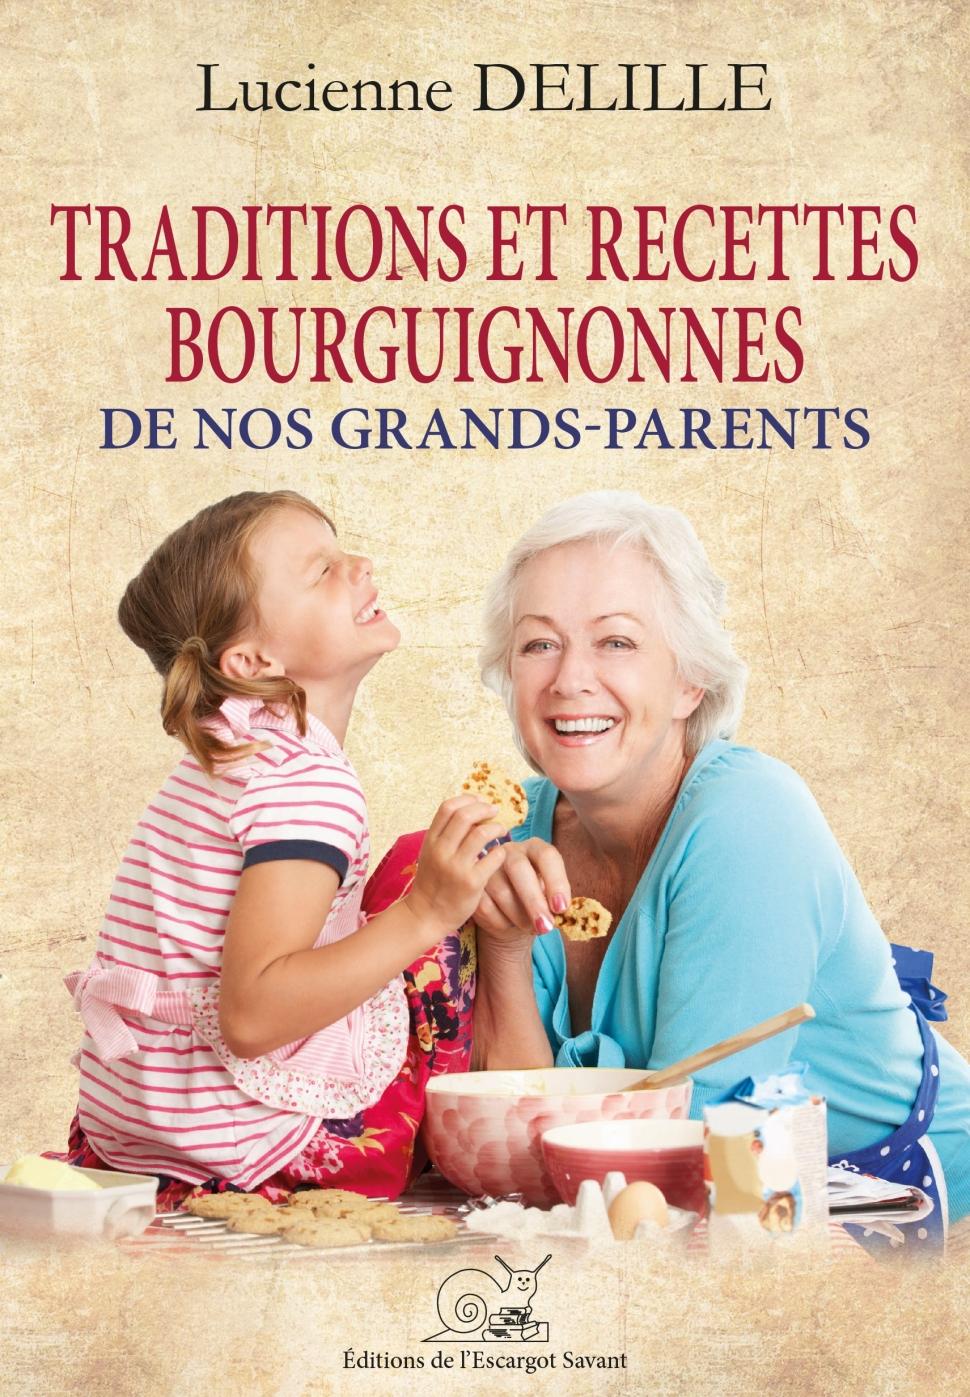 Traditions et recettes Bourguignonnes de nos grands-parents